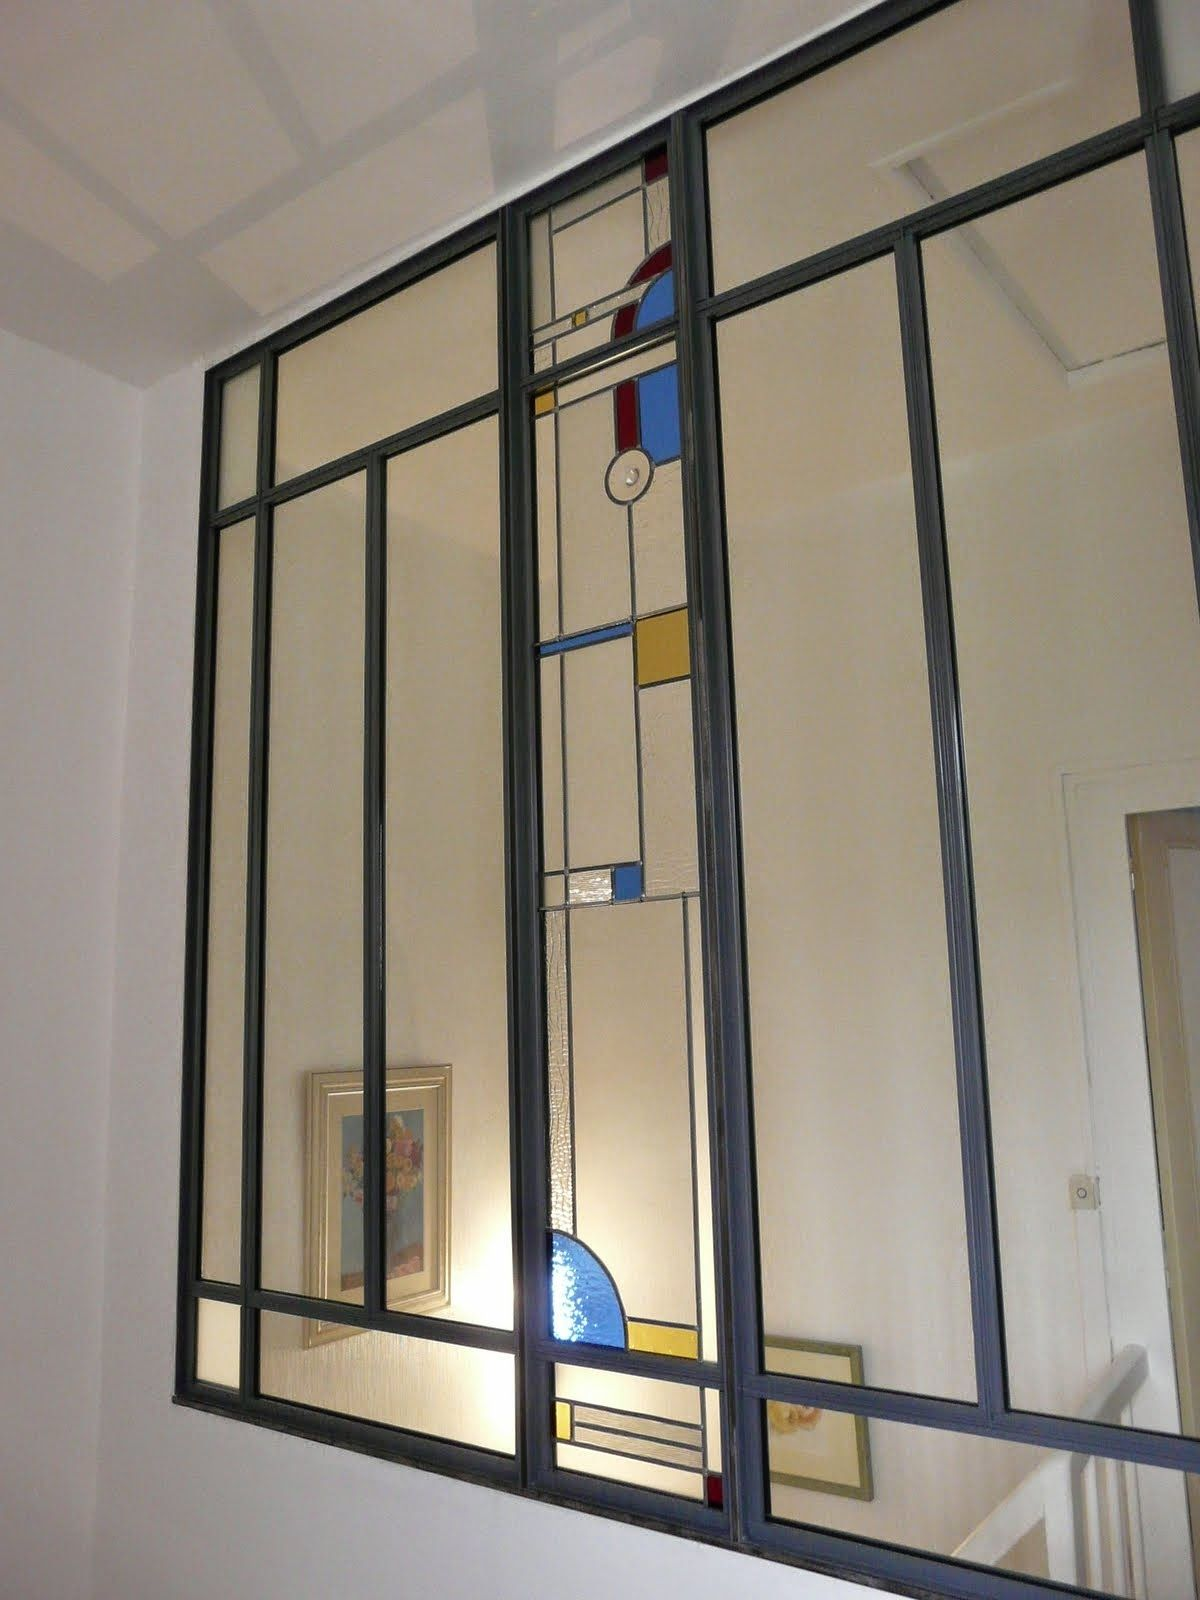 des idées en verre: vitraux art déco dans une verrière | décoration